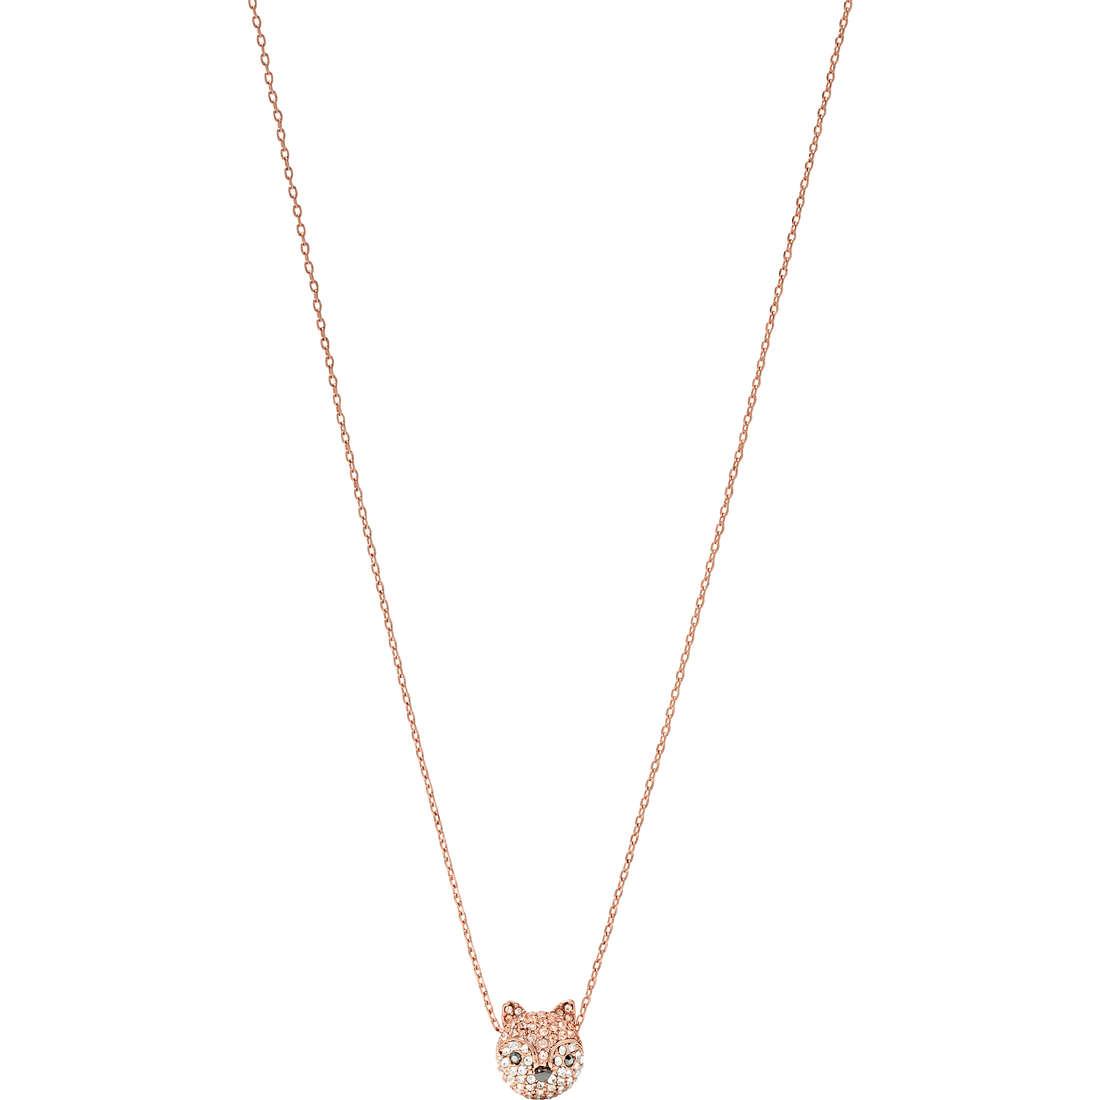 collana donna gioielli Fossil JA6222998